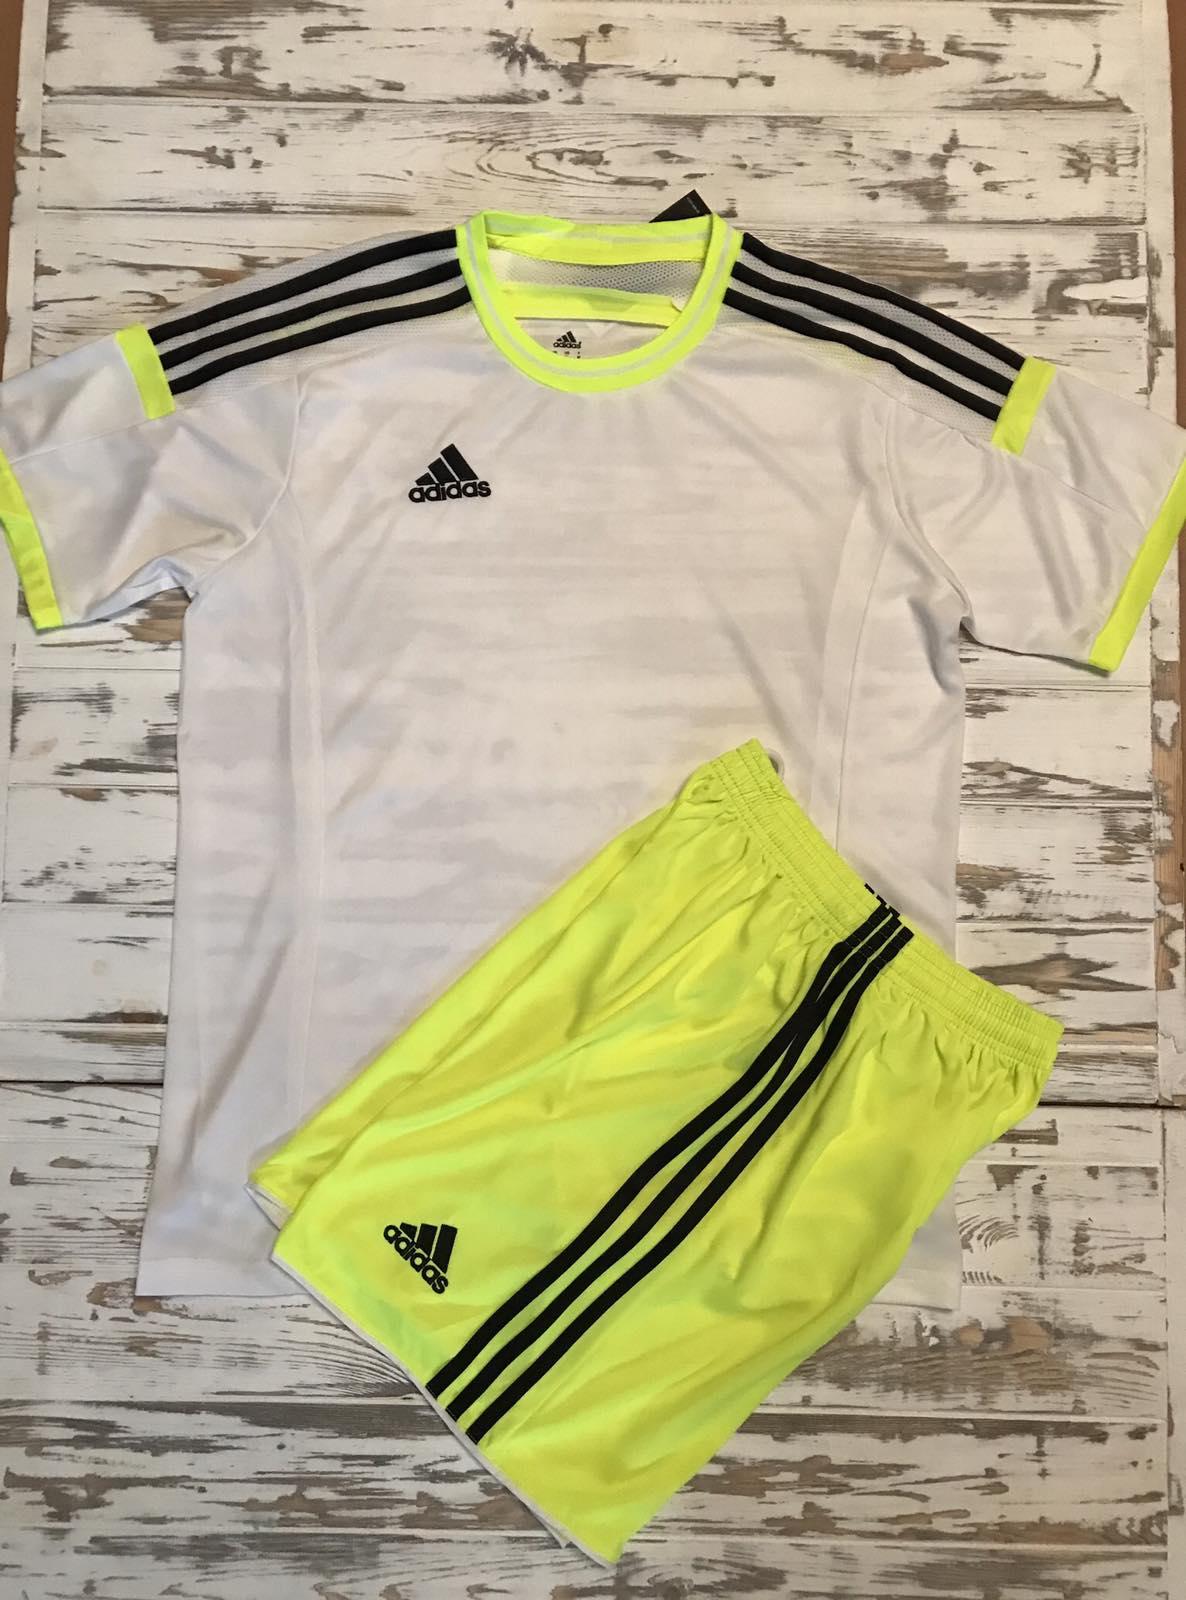 Футбольная форма Adidas 2021 бело-желтая